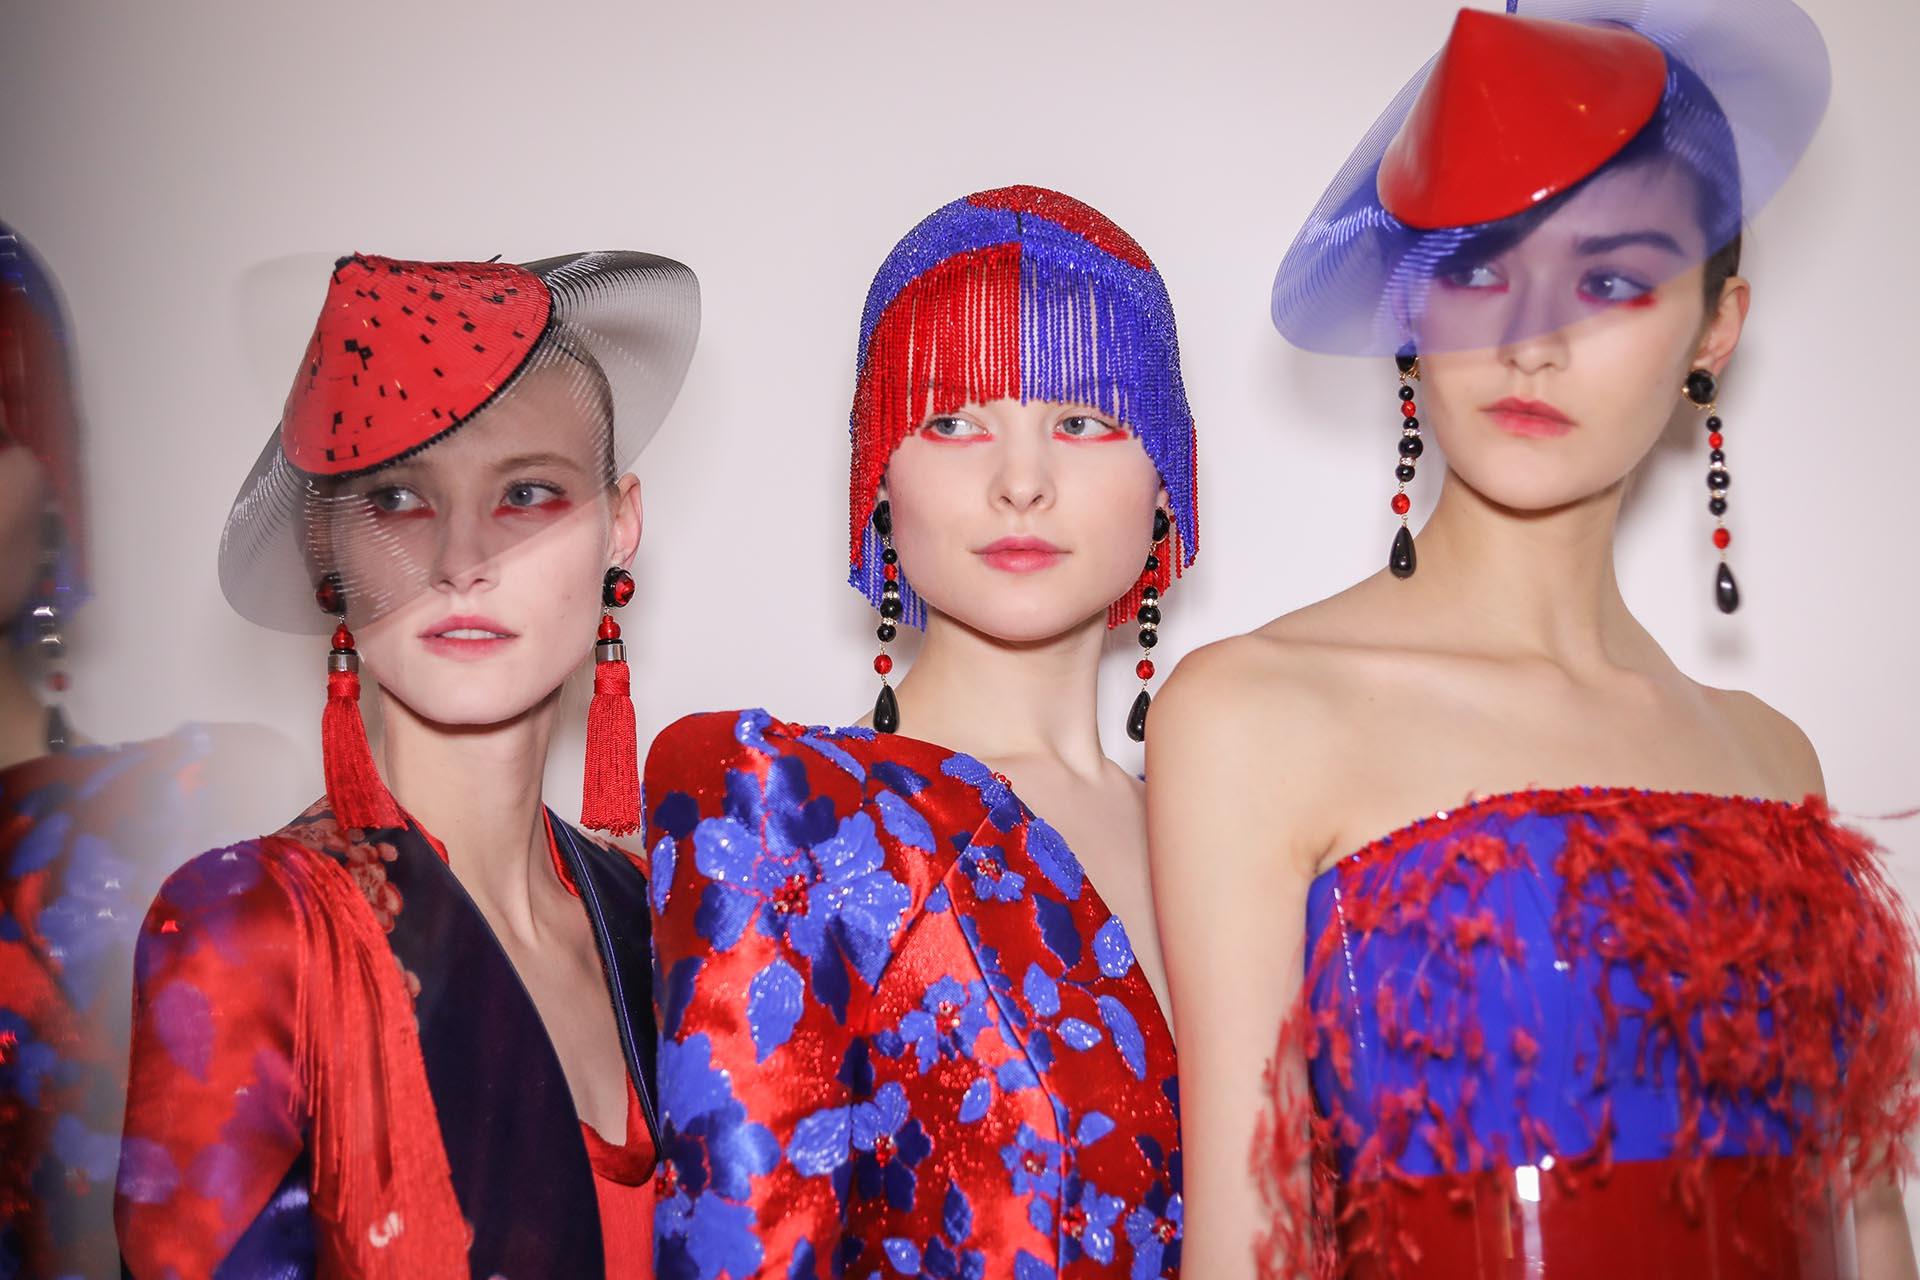 Θα έβαζες ποτέ μολύβι χειλιών στα μάτια; Στο couture show του Armani το έκαναν! | tlife.gr